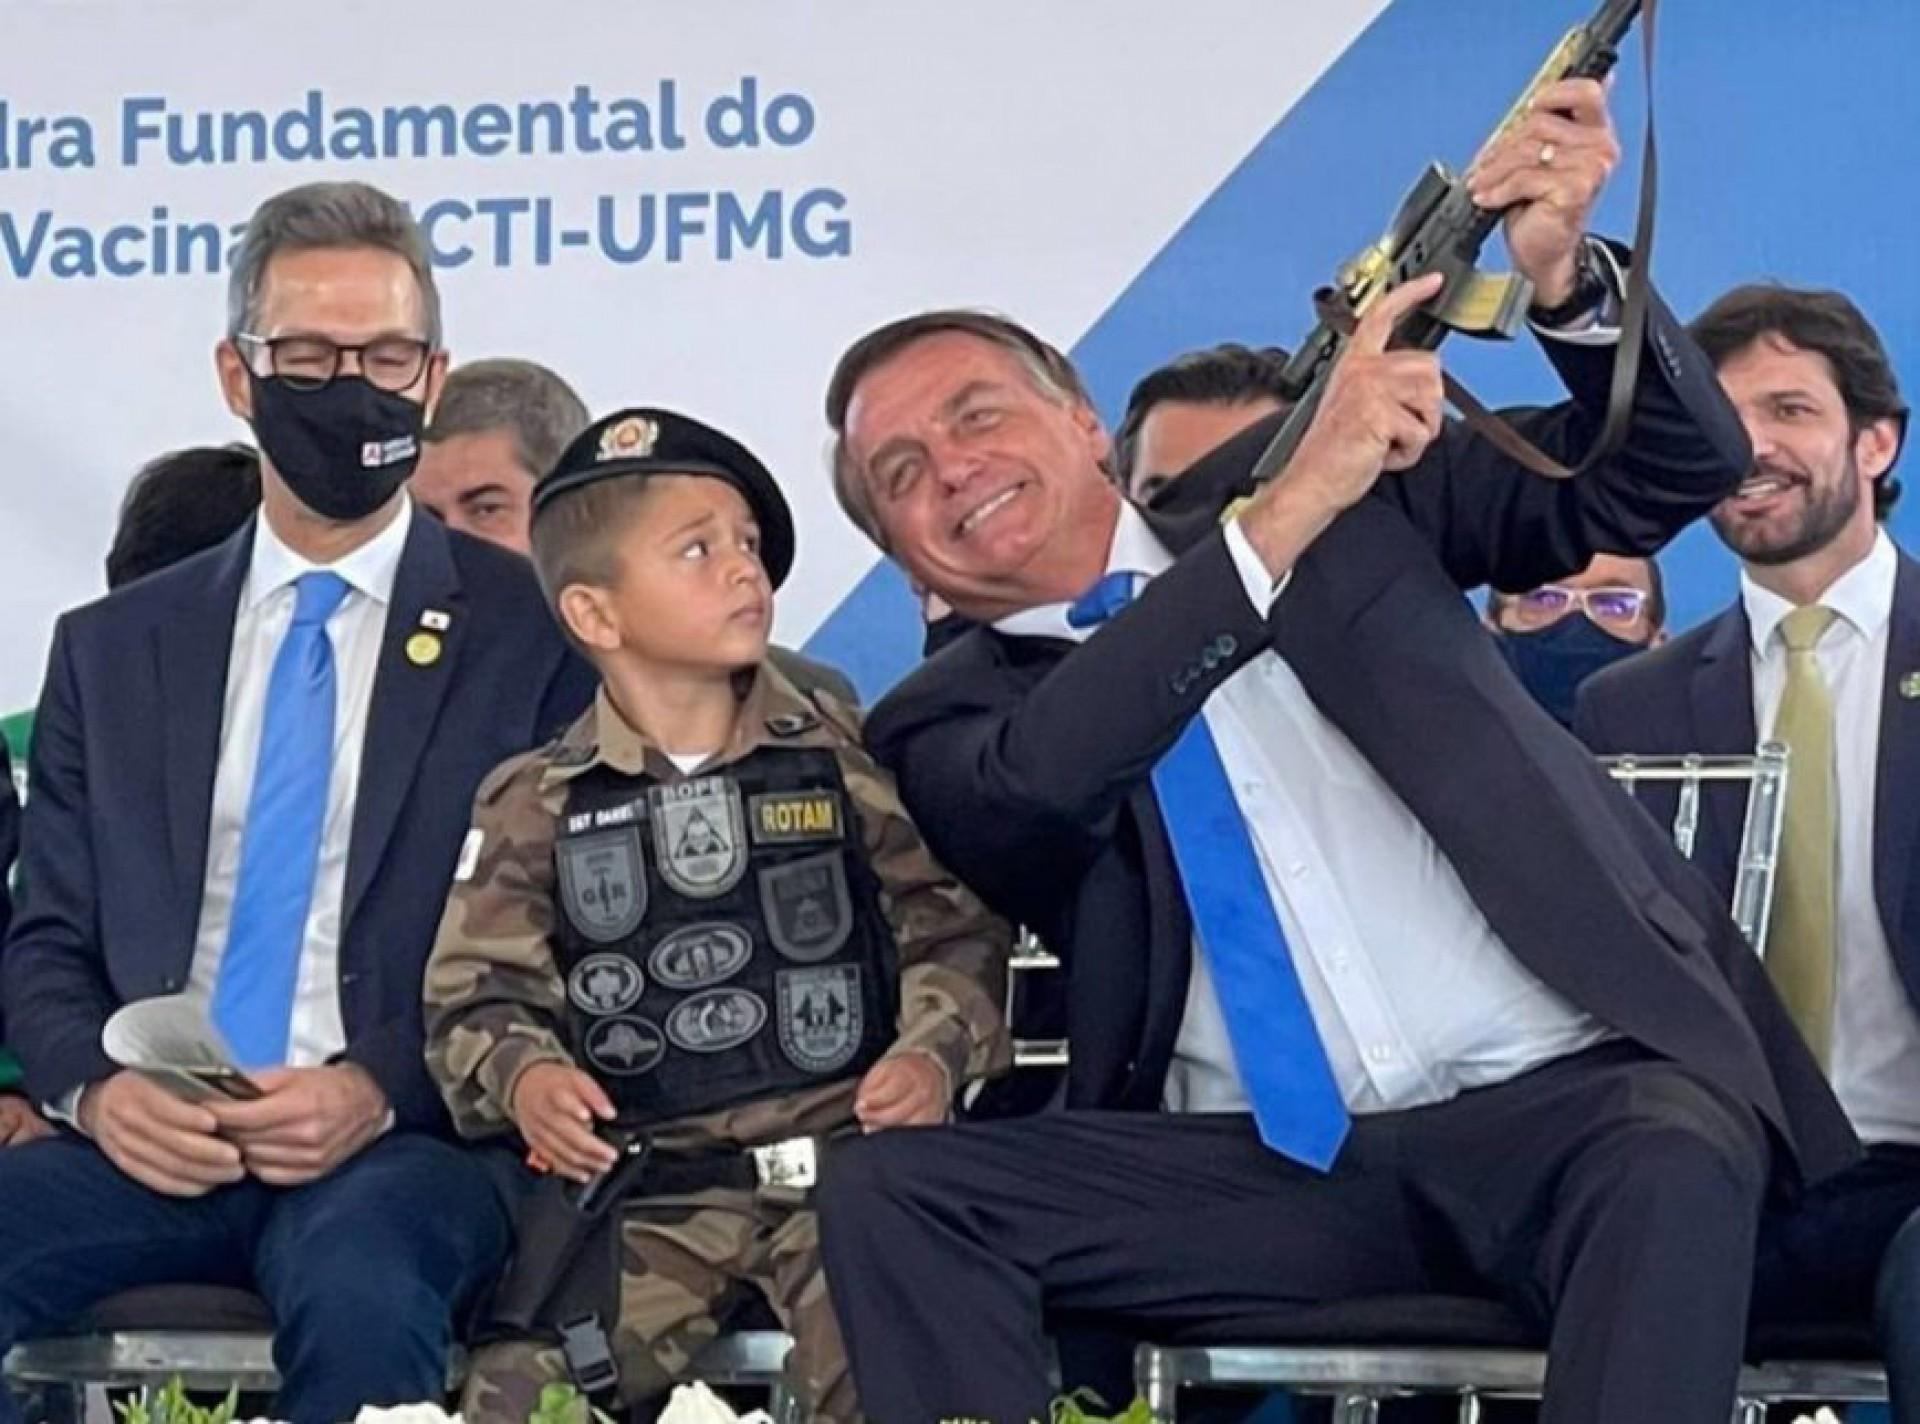 Bolsonaro ganha novos eleitores?